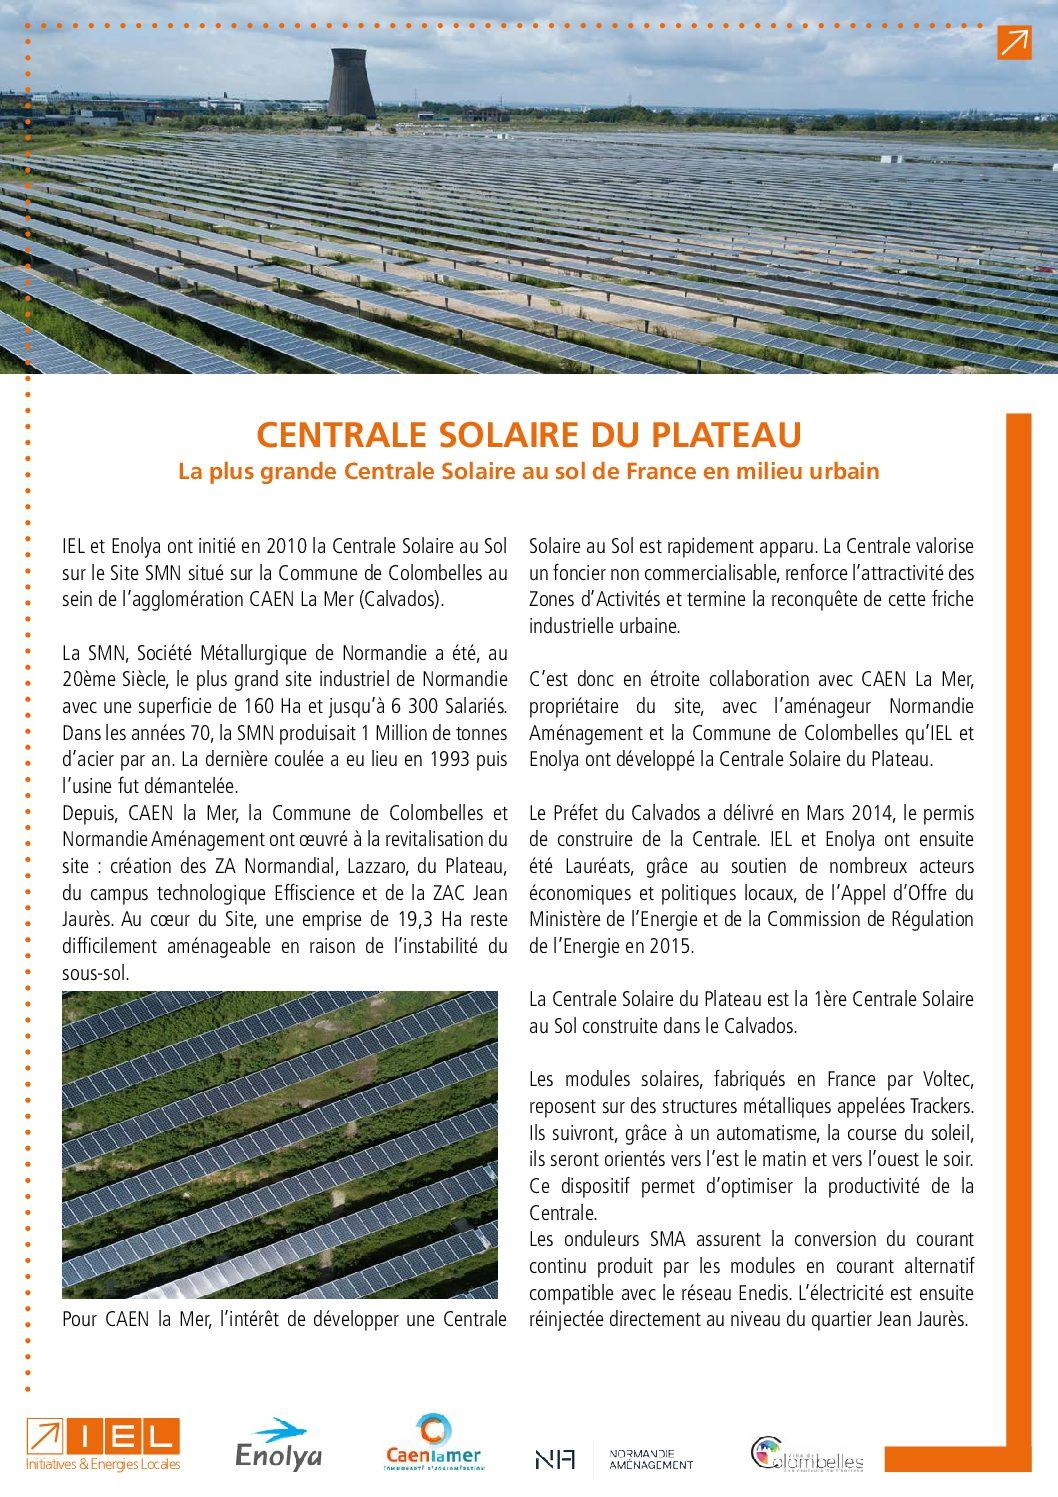 La plus grande centrale PV au sol de France en milieu urbain entre en service dans le Calvados